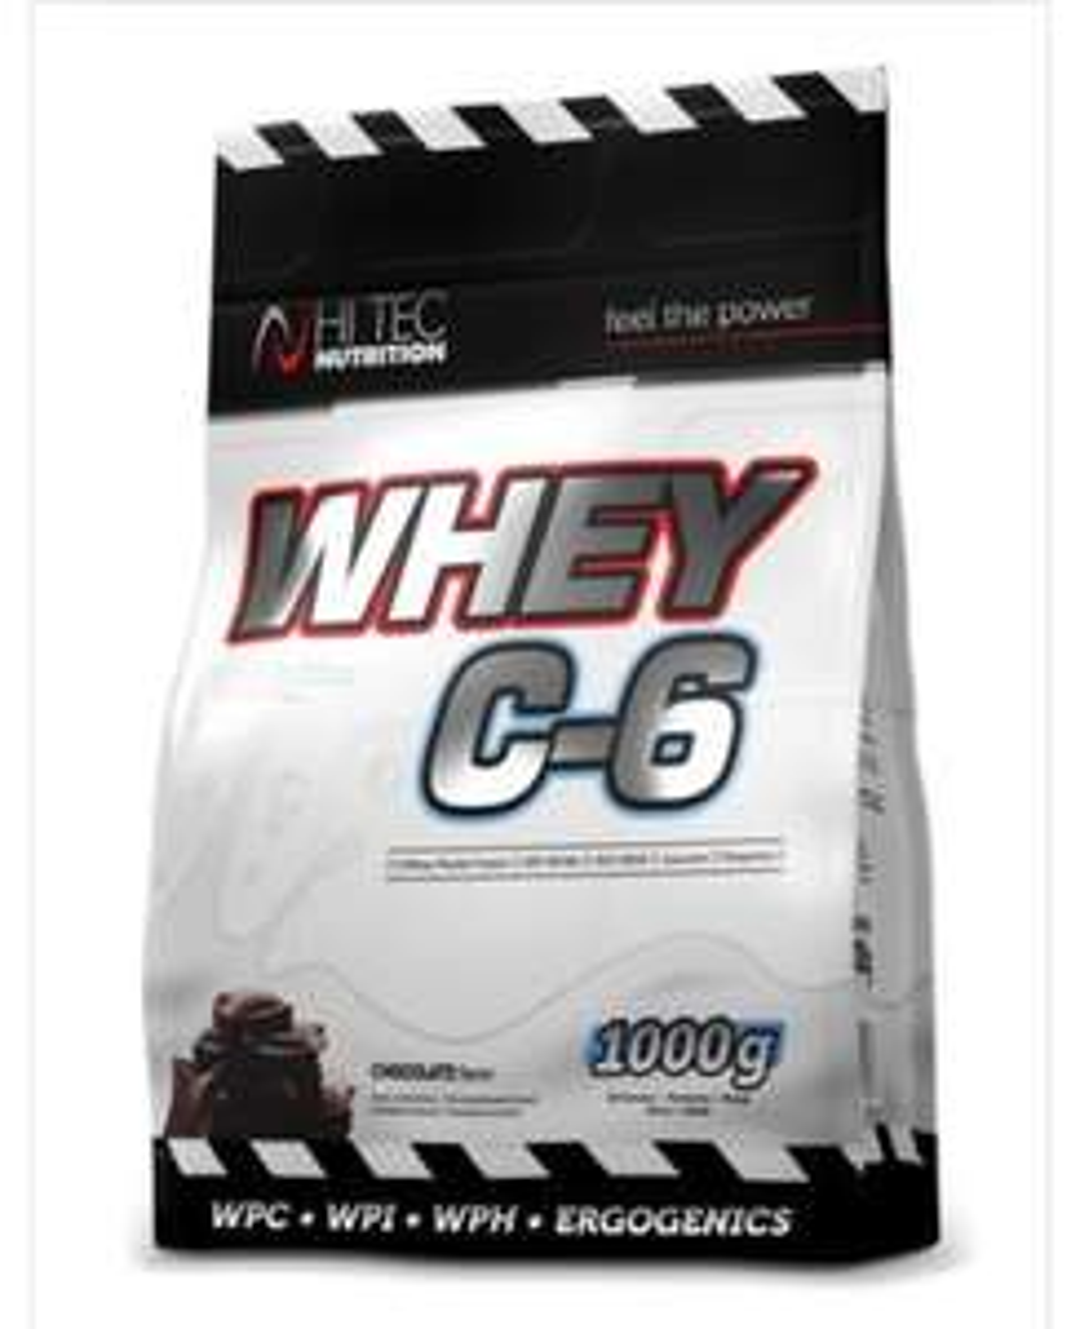 Białko WHEY C-6 1000g